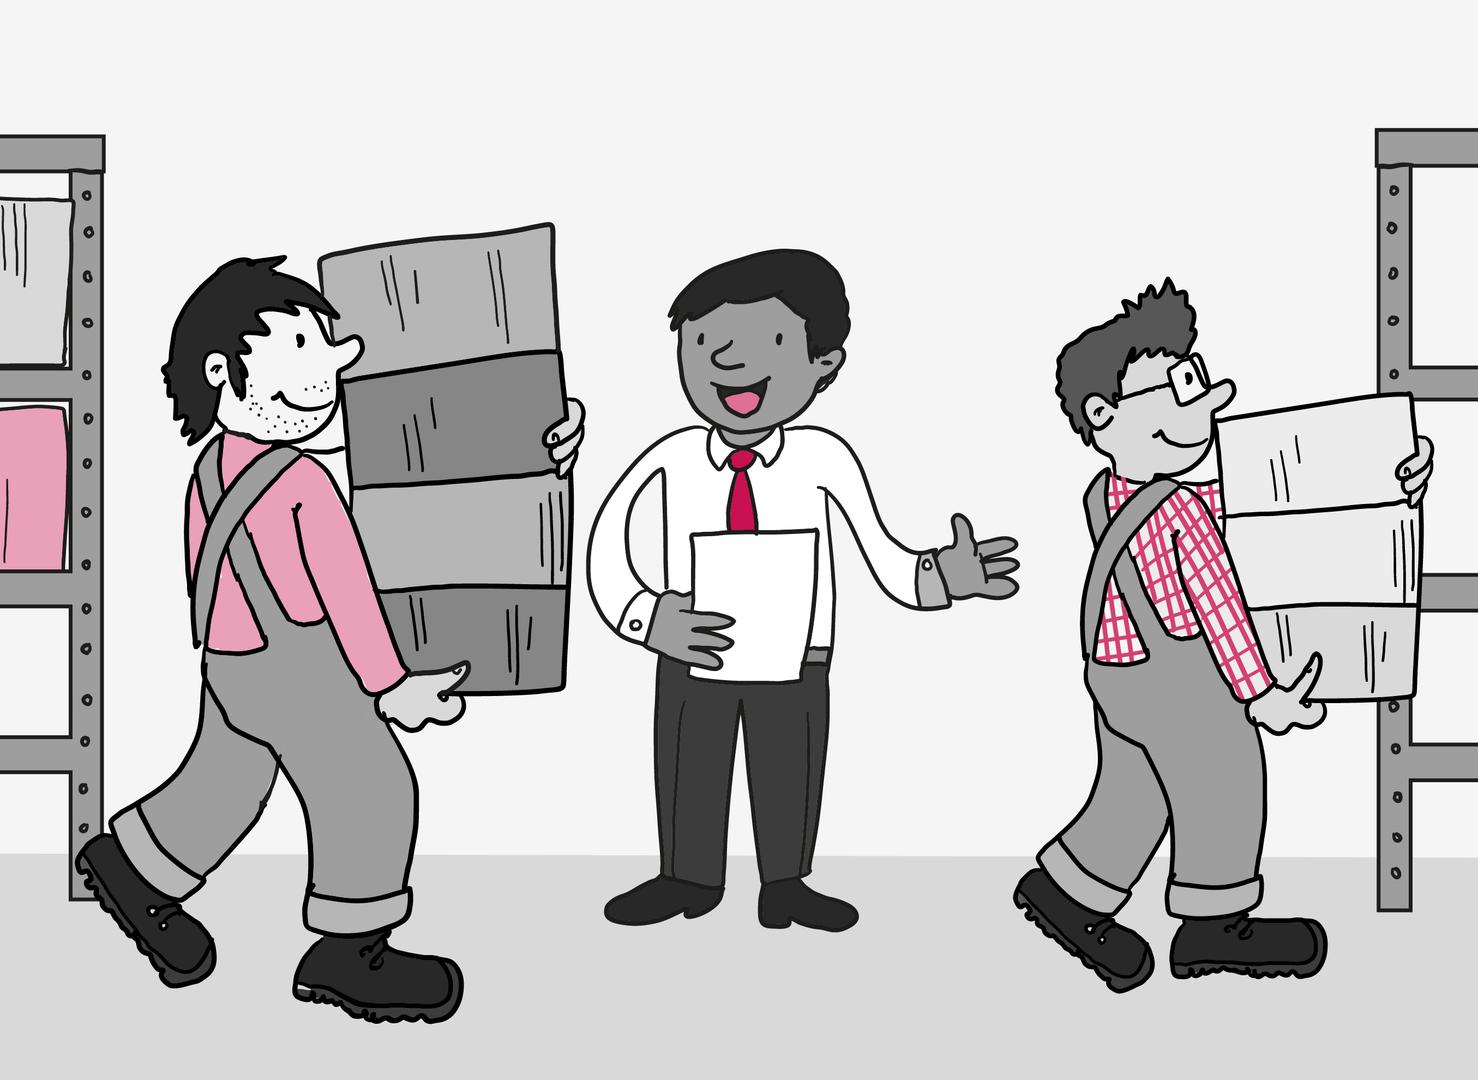 Zwei gut gelaunte Arbeiter mit Latzhosen tragen Kisten zu einem Regal. Im Hintergrund weist ein Mann mit Hemd und Schlips den Arbeitern den Weg.